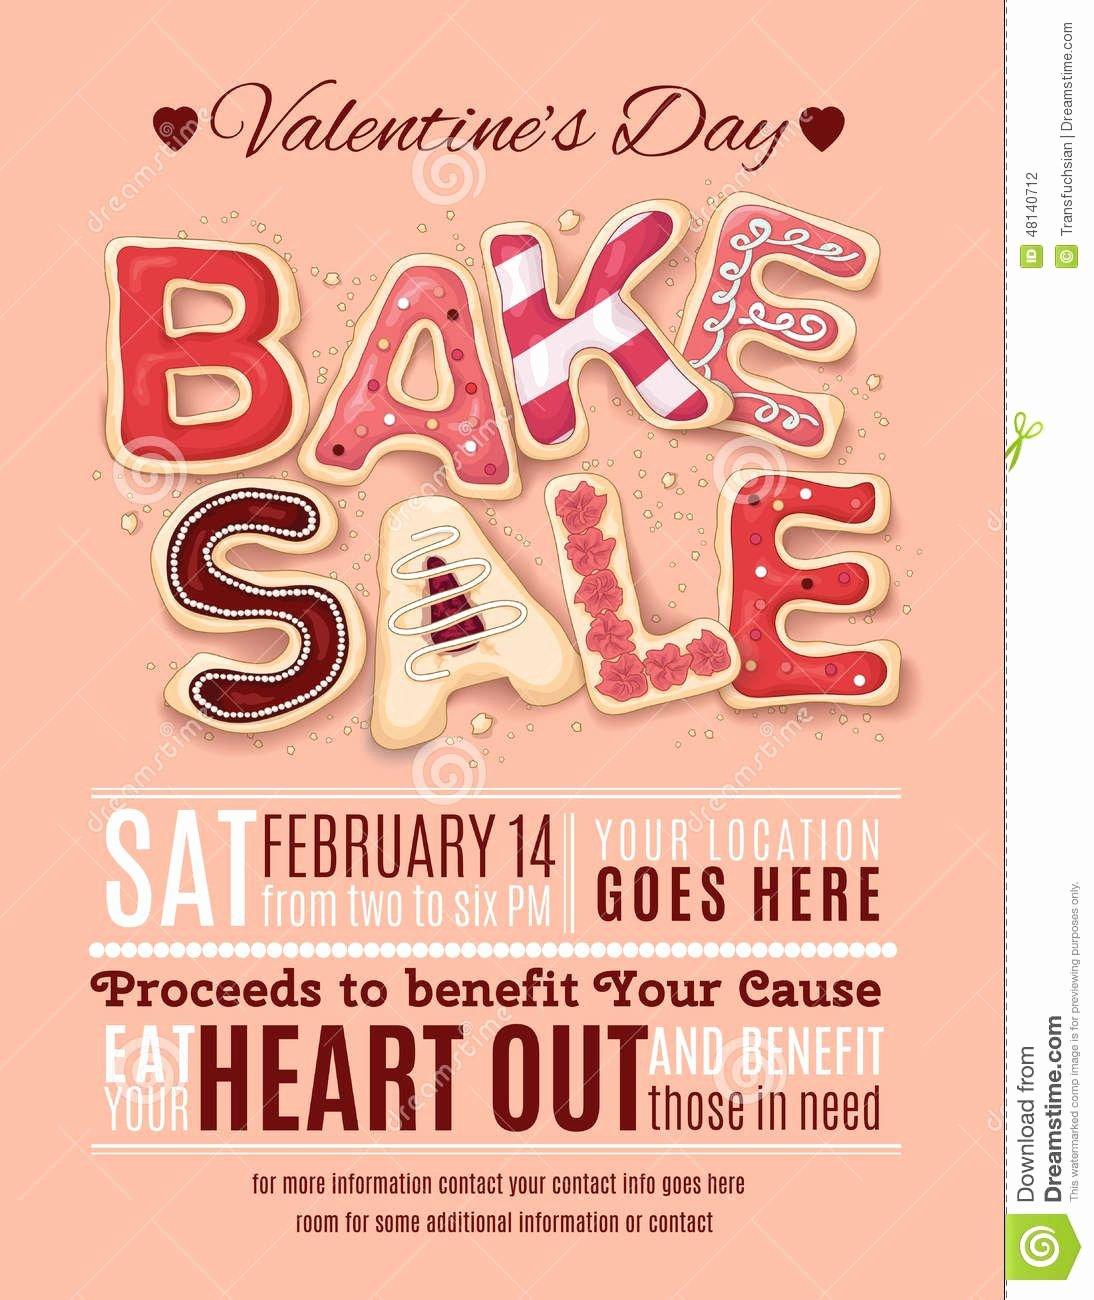 Bake Sale Flyer Template Elegant Valentines Day Bake Sale Flyer Template Download From